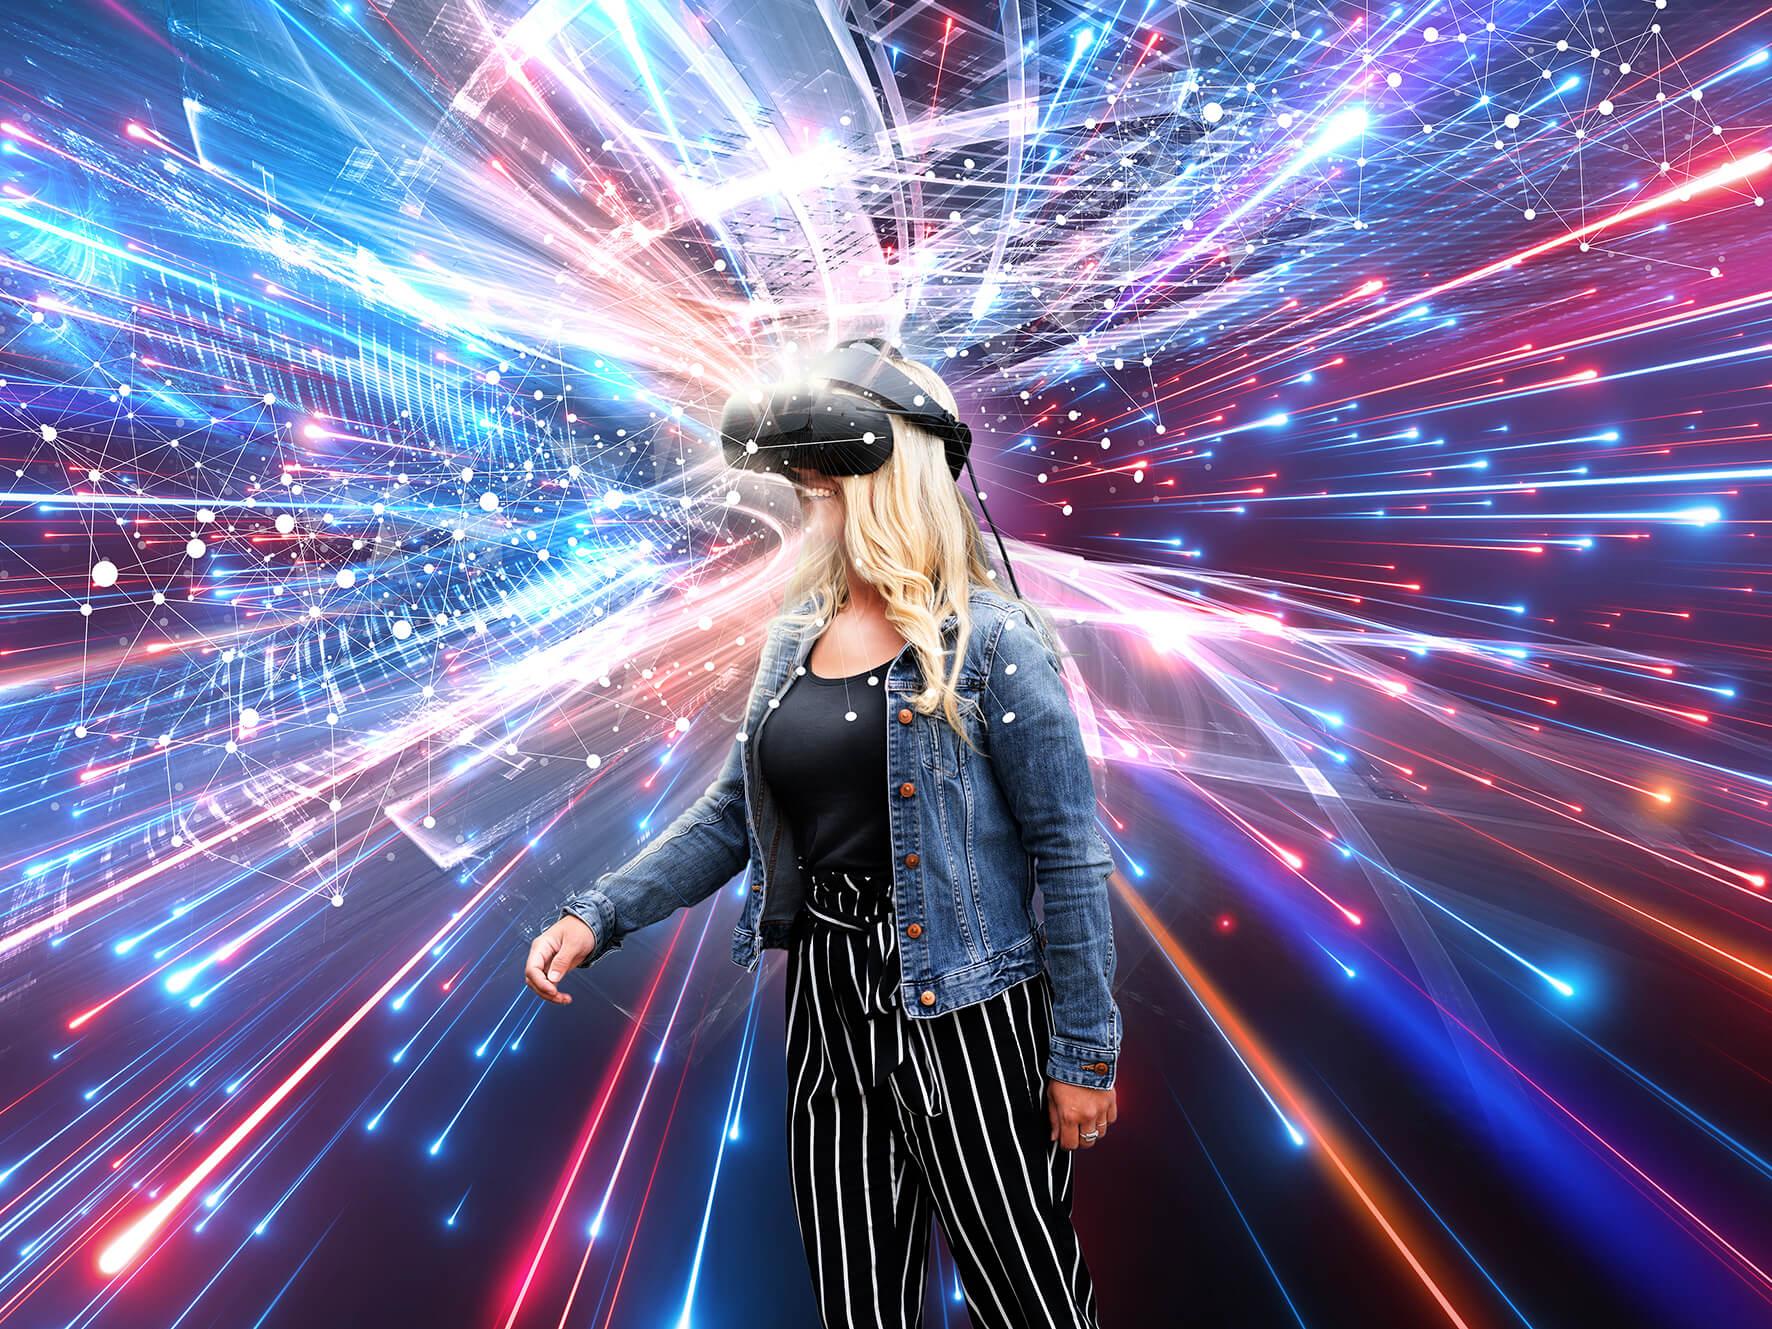 360° rundgang, vr tour, virtuelle tour, vr brille